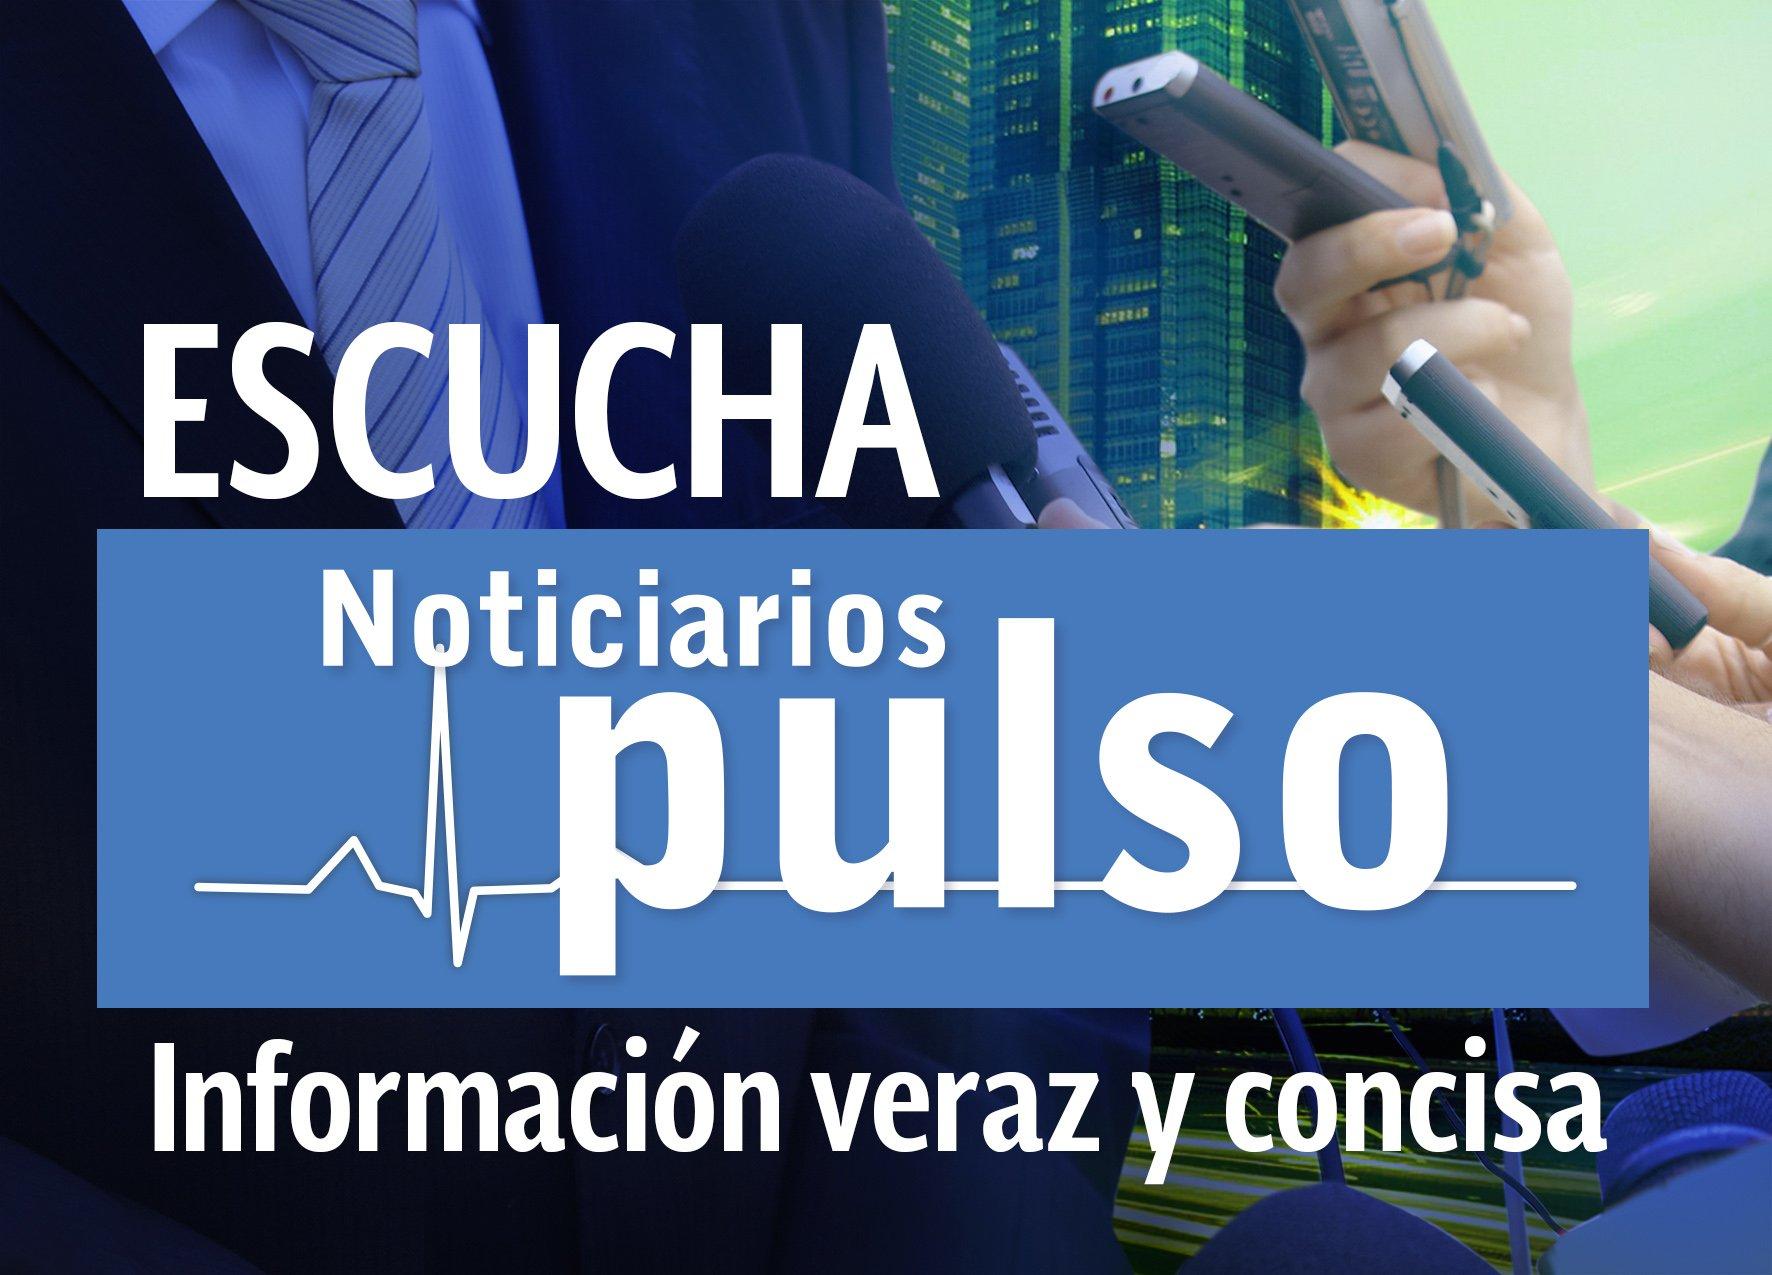 Para mantenerte informado te invitamos a escuchar nuestro noticiario #PulsoDeLaNoche https://t.co/NHiFo81n6d https://t.co/gau3PL4bvo